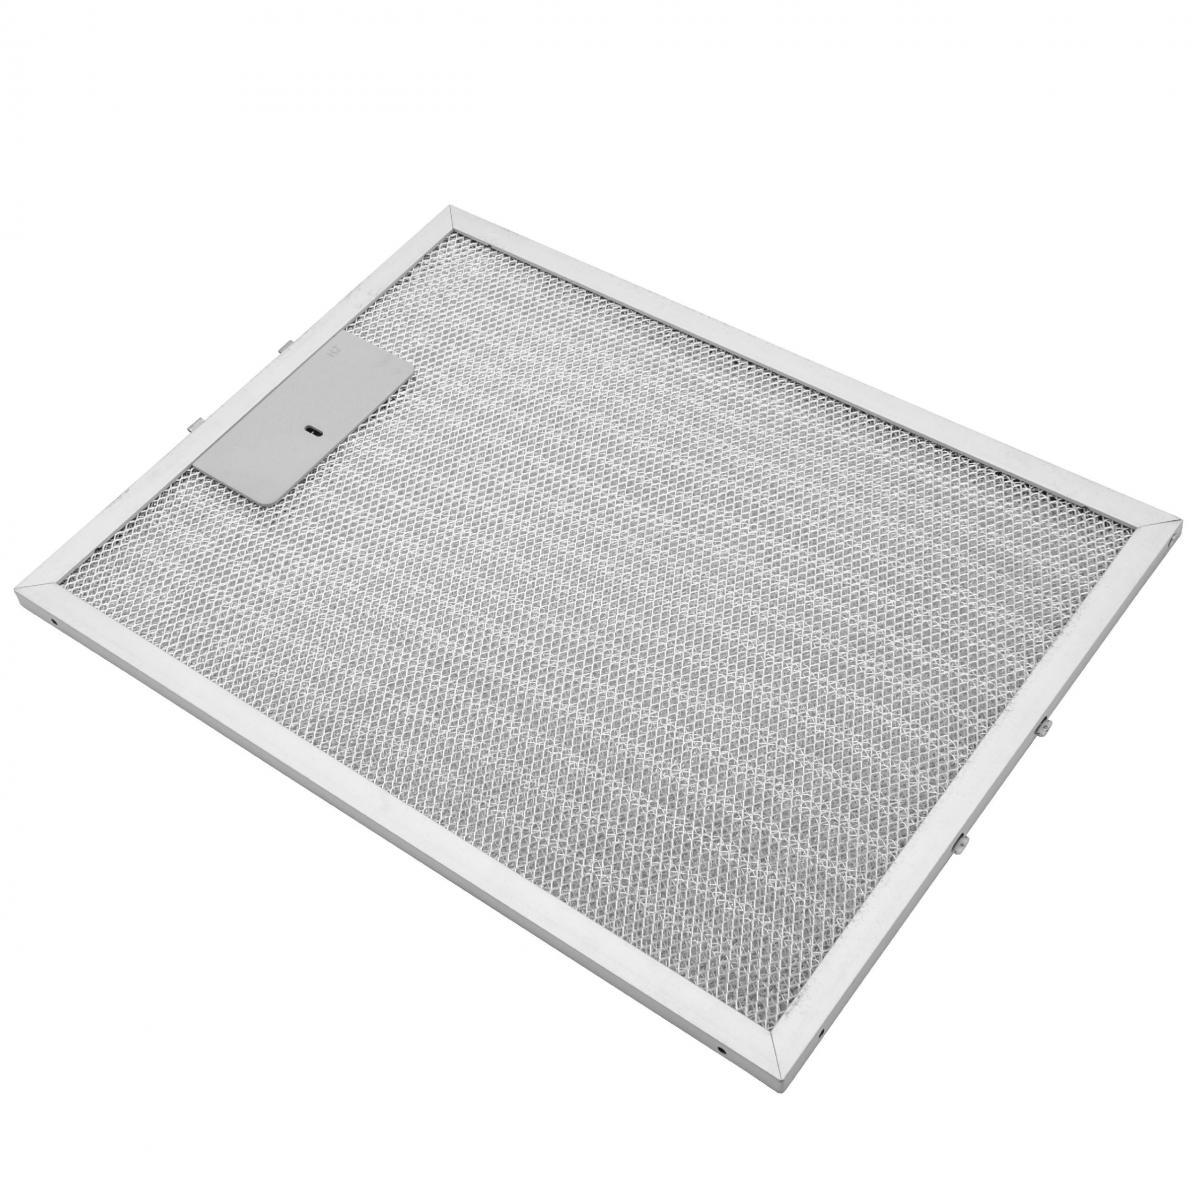 Vhbw vhbw Filtrepermanent filtre à graisse métallique 32,8 x 24,7 x 0,9 cm convient pour Alno AEF3290A 94264093000 hottes de